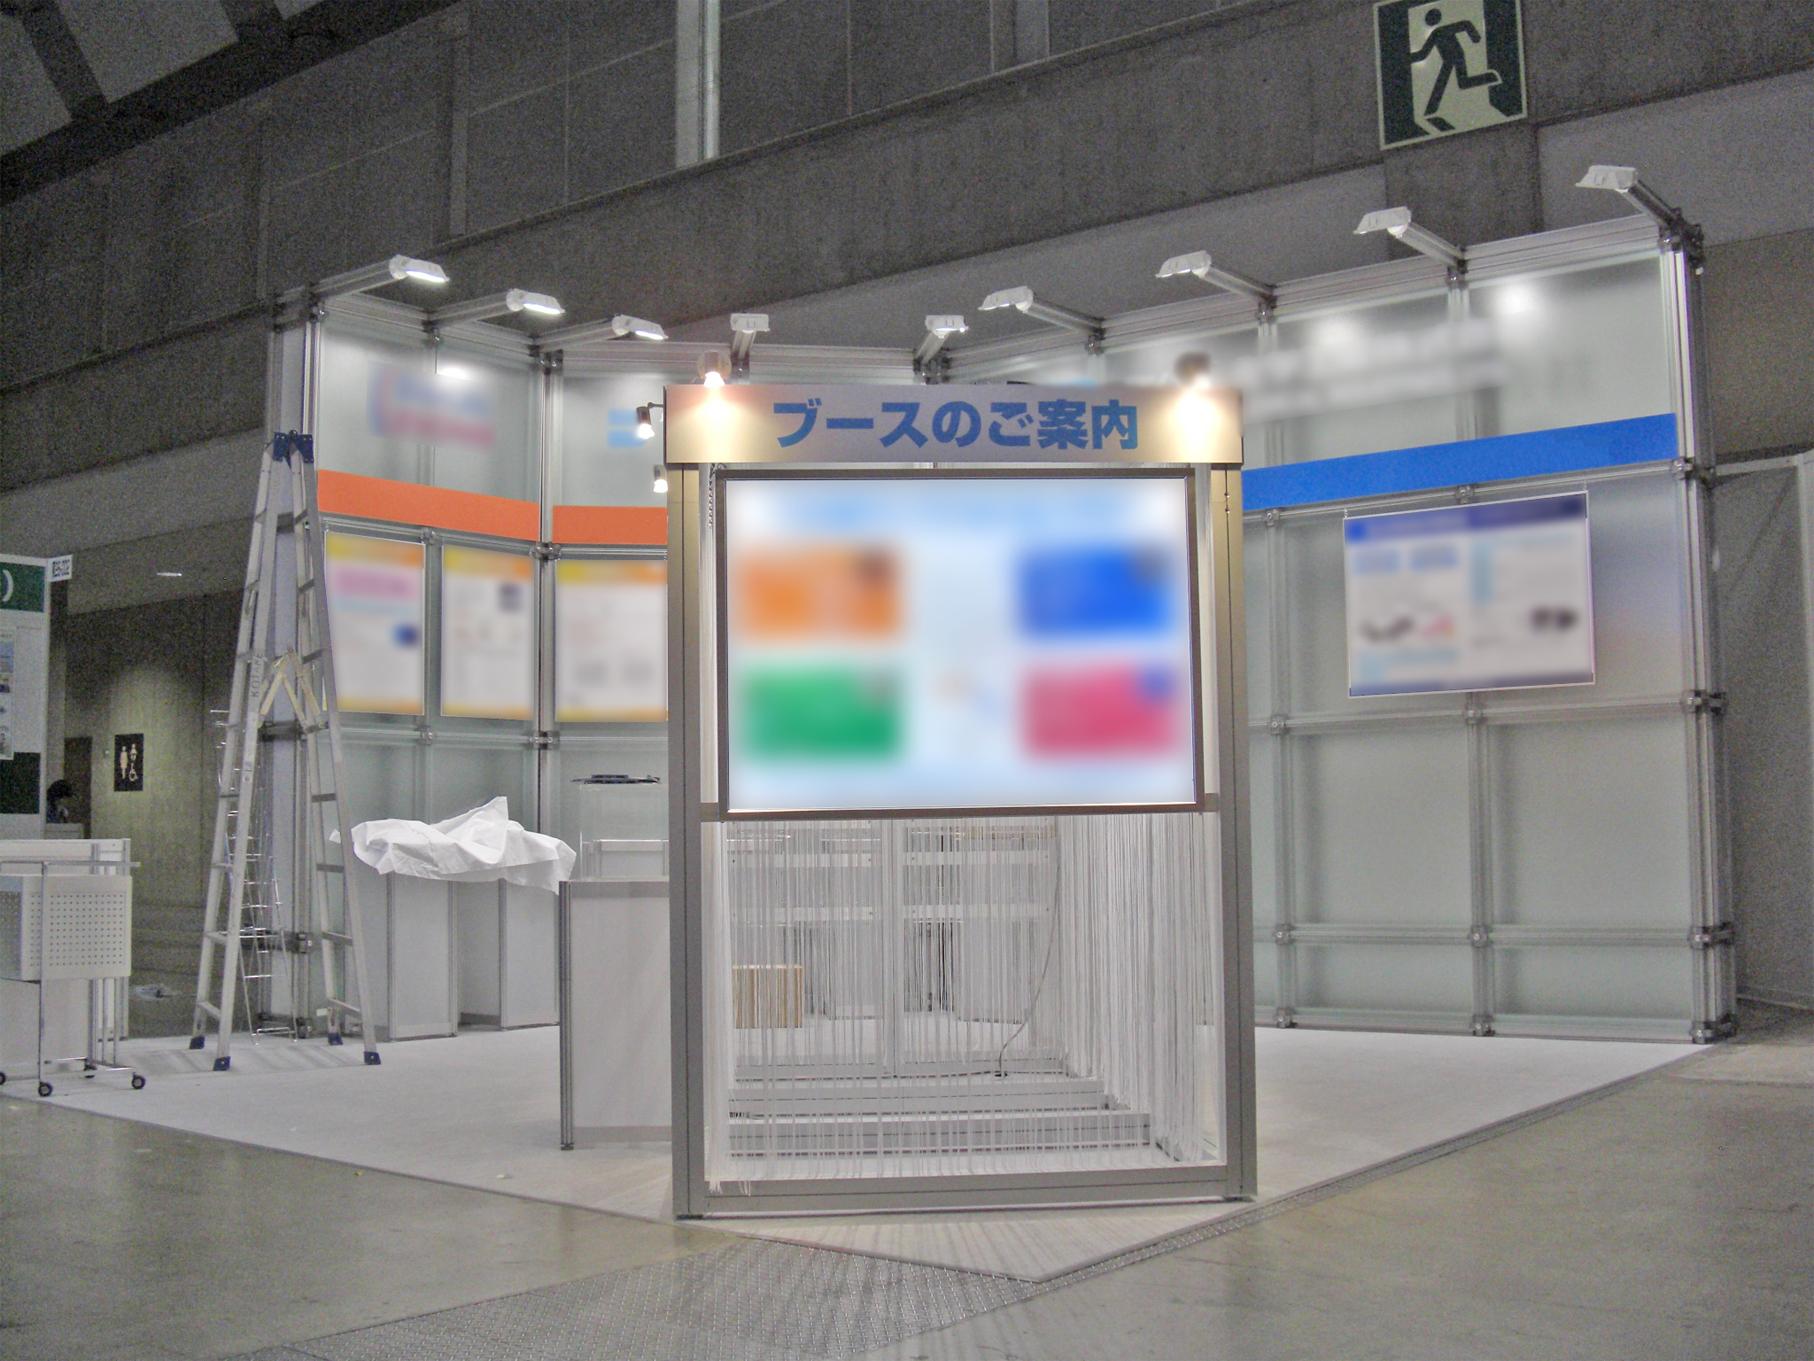 第2回先端電子材料EXPO2011 東京ビッグサイト / 小間(6Mx5.4M)